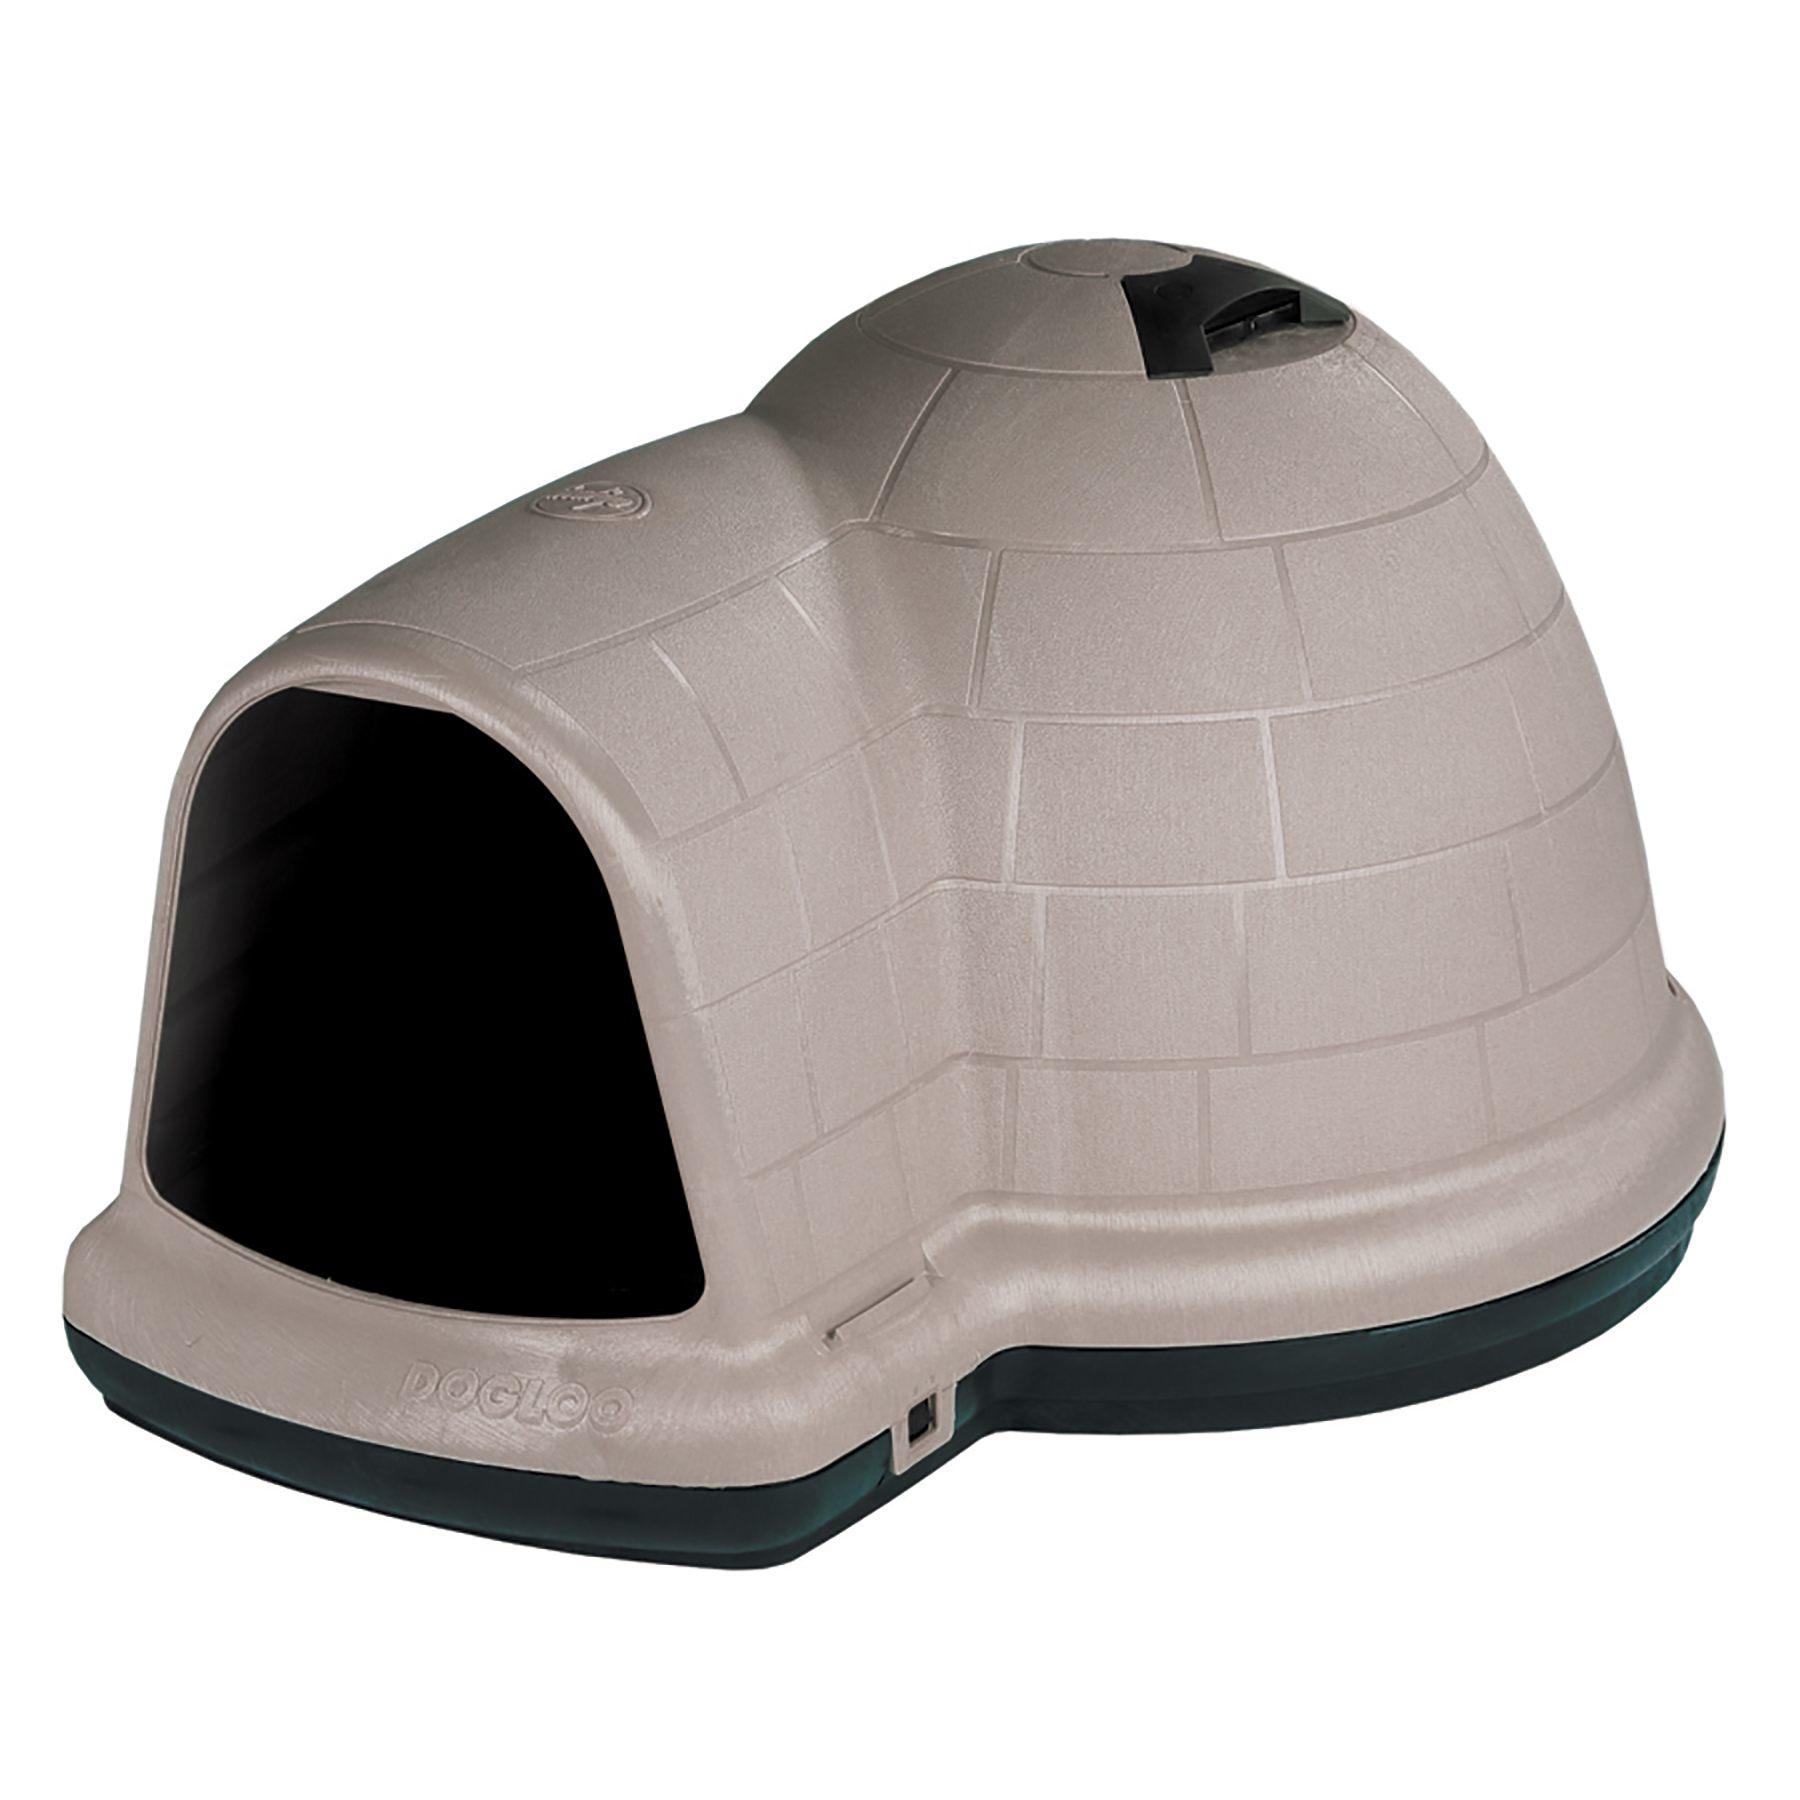 Petmate Indigo Dog House with Microban, 25-50 Lbs